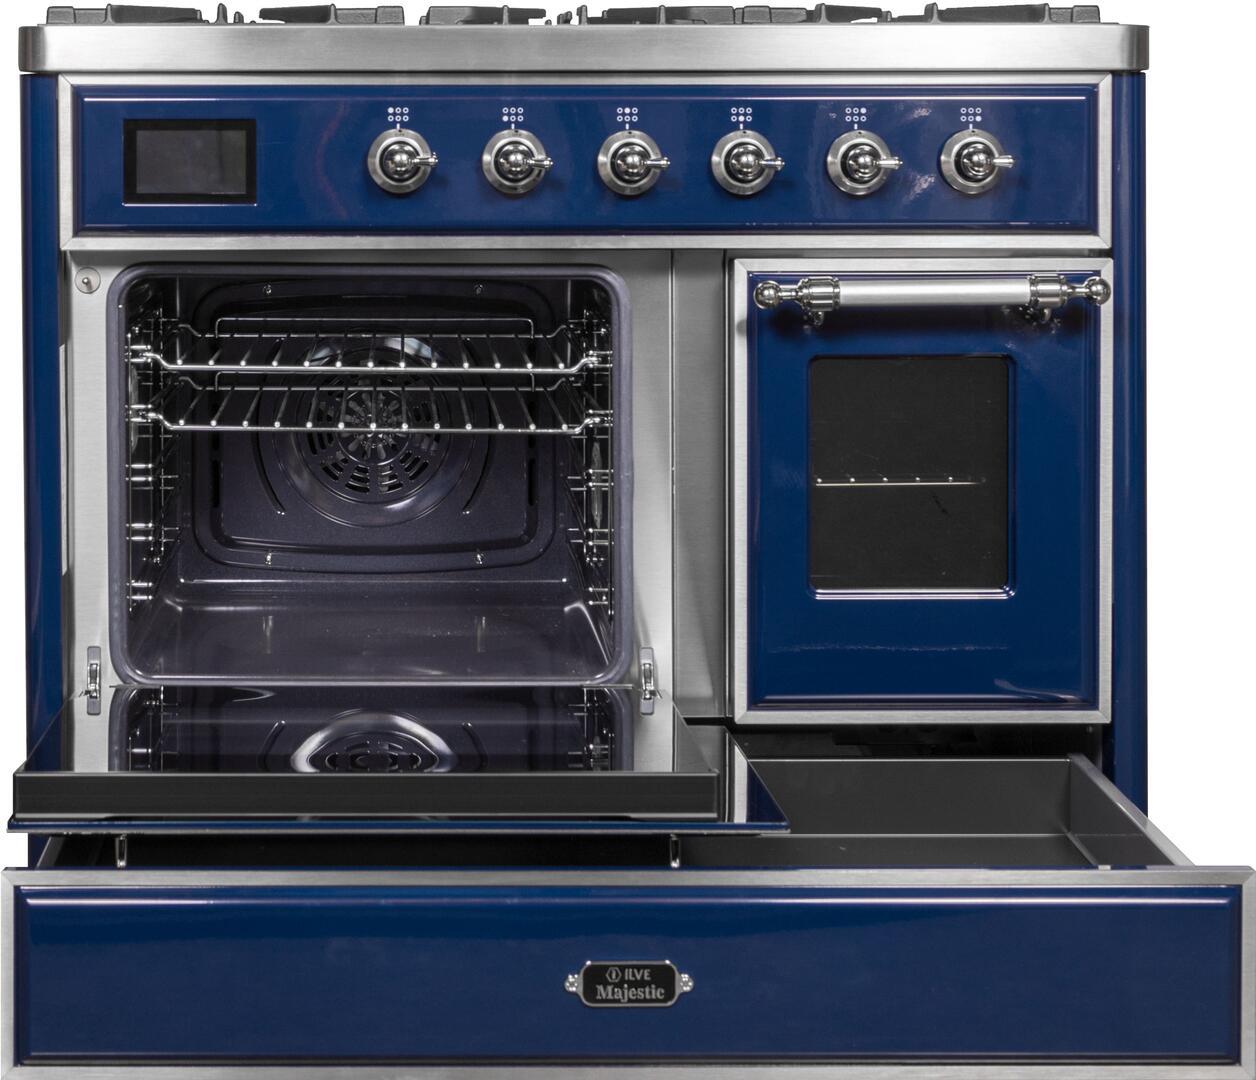 Ilve Majestic II UMD10FDNS3MBC Freestanding Dual Fuel Range Blue, UMD10FDNS3MBC Main Oven Door Opened